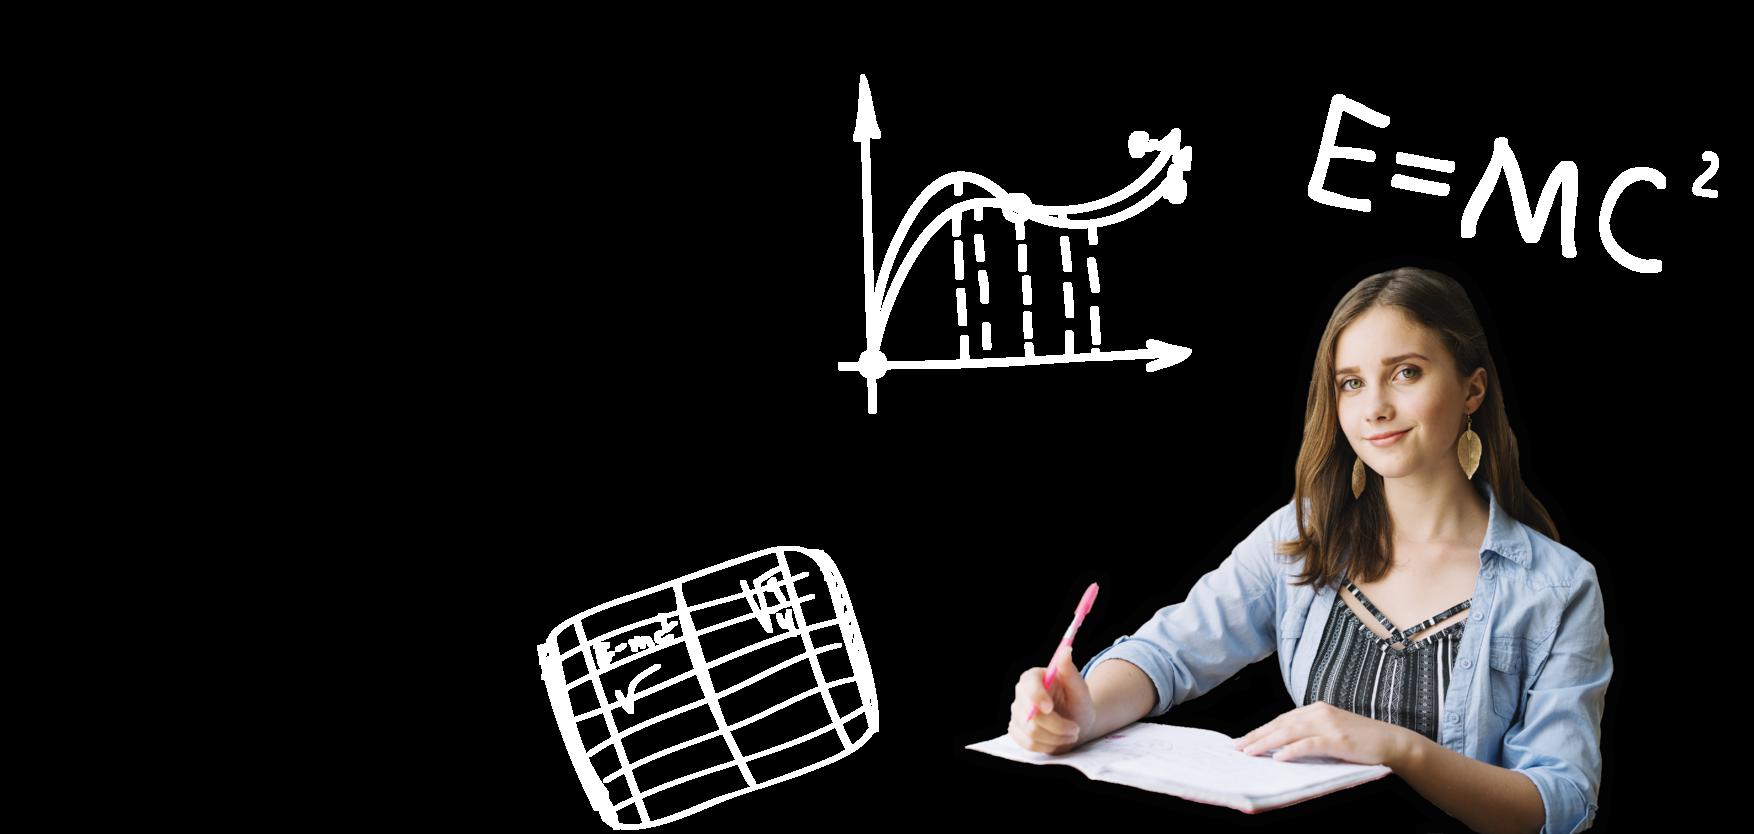 Курсы подготовки к ВПР для 4-11 классов по физике в Москве